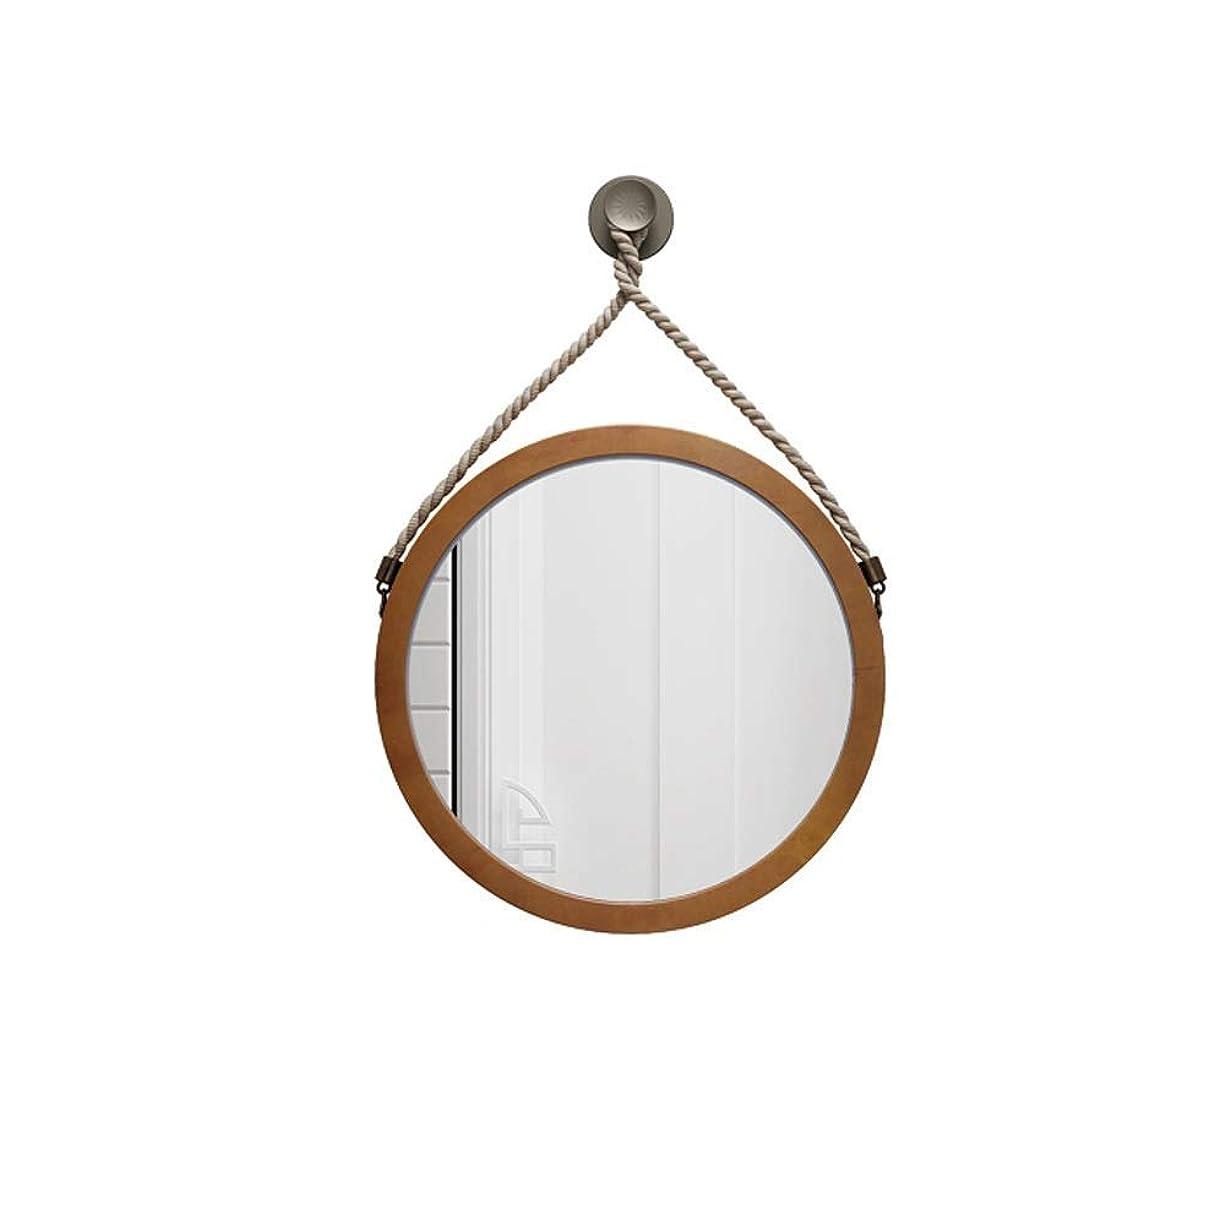 注釈抗議お酢ヨーロッパの木製バスルームミラー壁掛けバスルームミラー ベッドルームバスルームミラーインバニティミラー  Hotel Vanity Mirror Round Shop Mirror 40/50/60/70 / 80cm(サイズ:50cm)